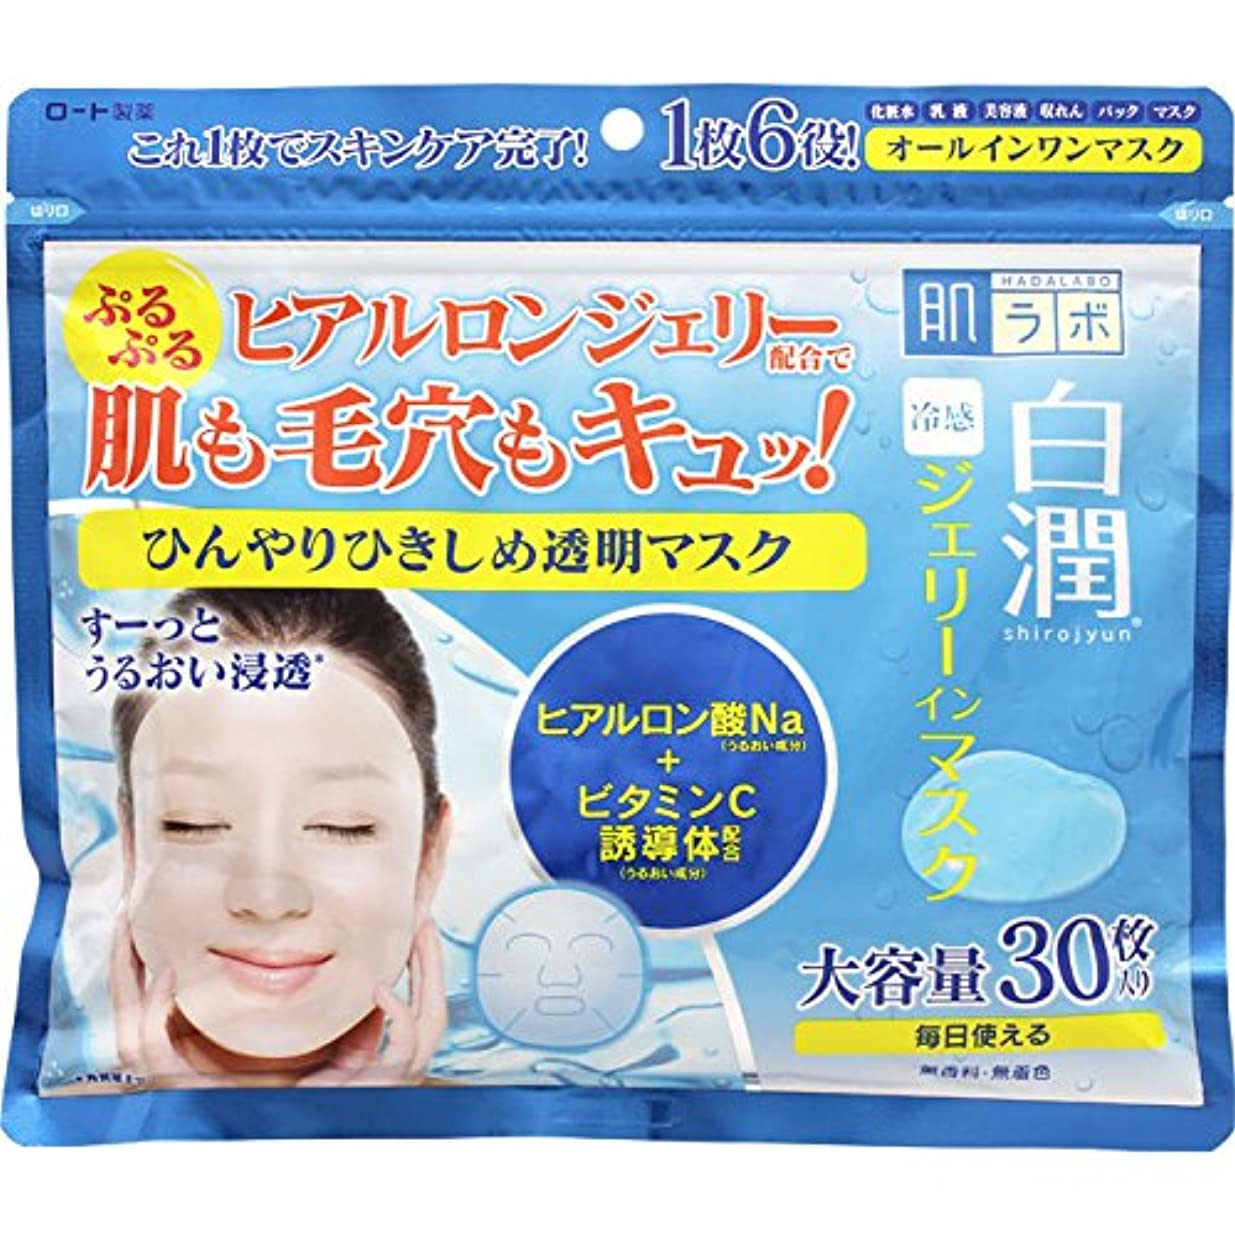 パシフィック歌う限界肌ラボ 白潤 冷感ジェリーインマスク 化粧水?乳液?美容液?収れん?パック?マスクの1枚6役 大容量30枚